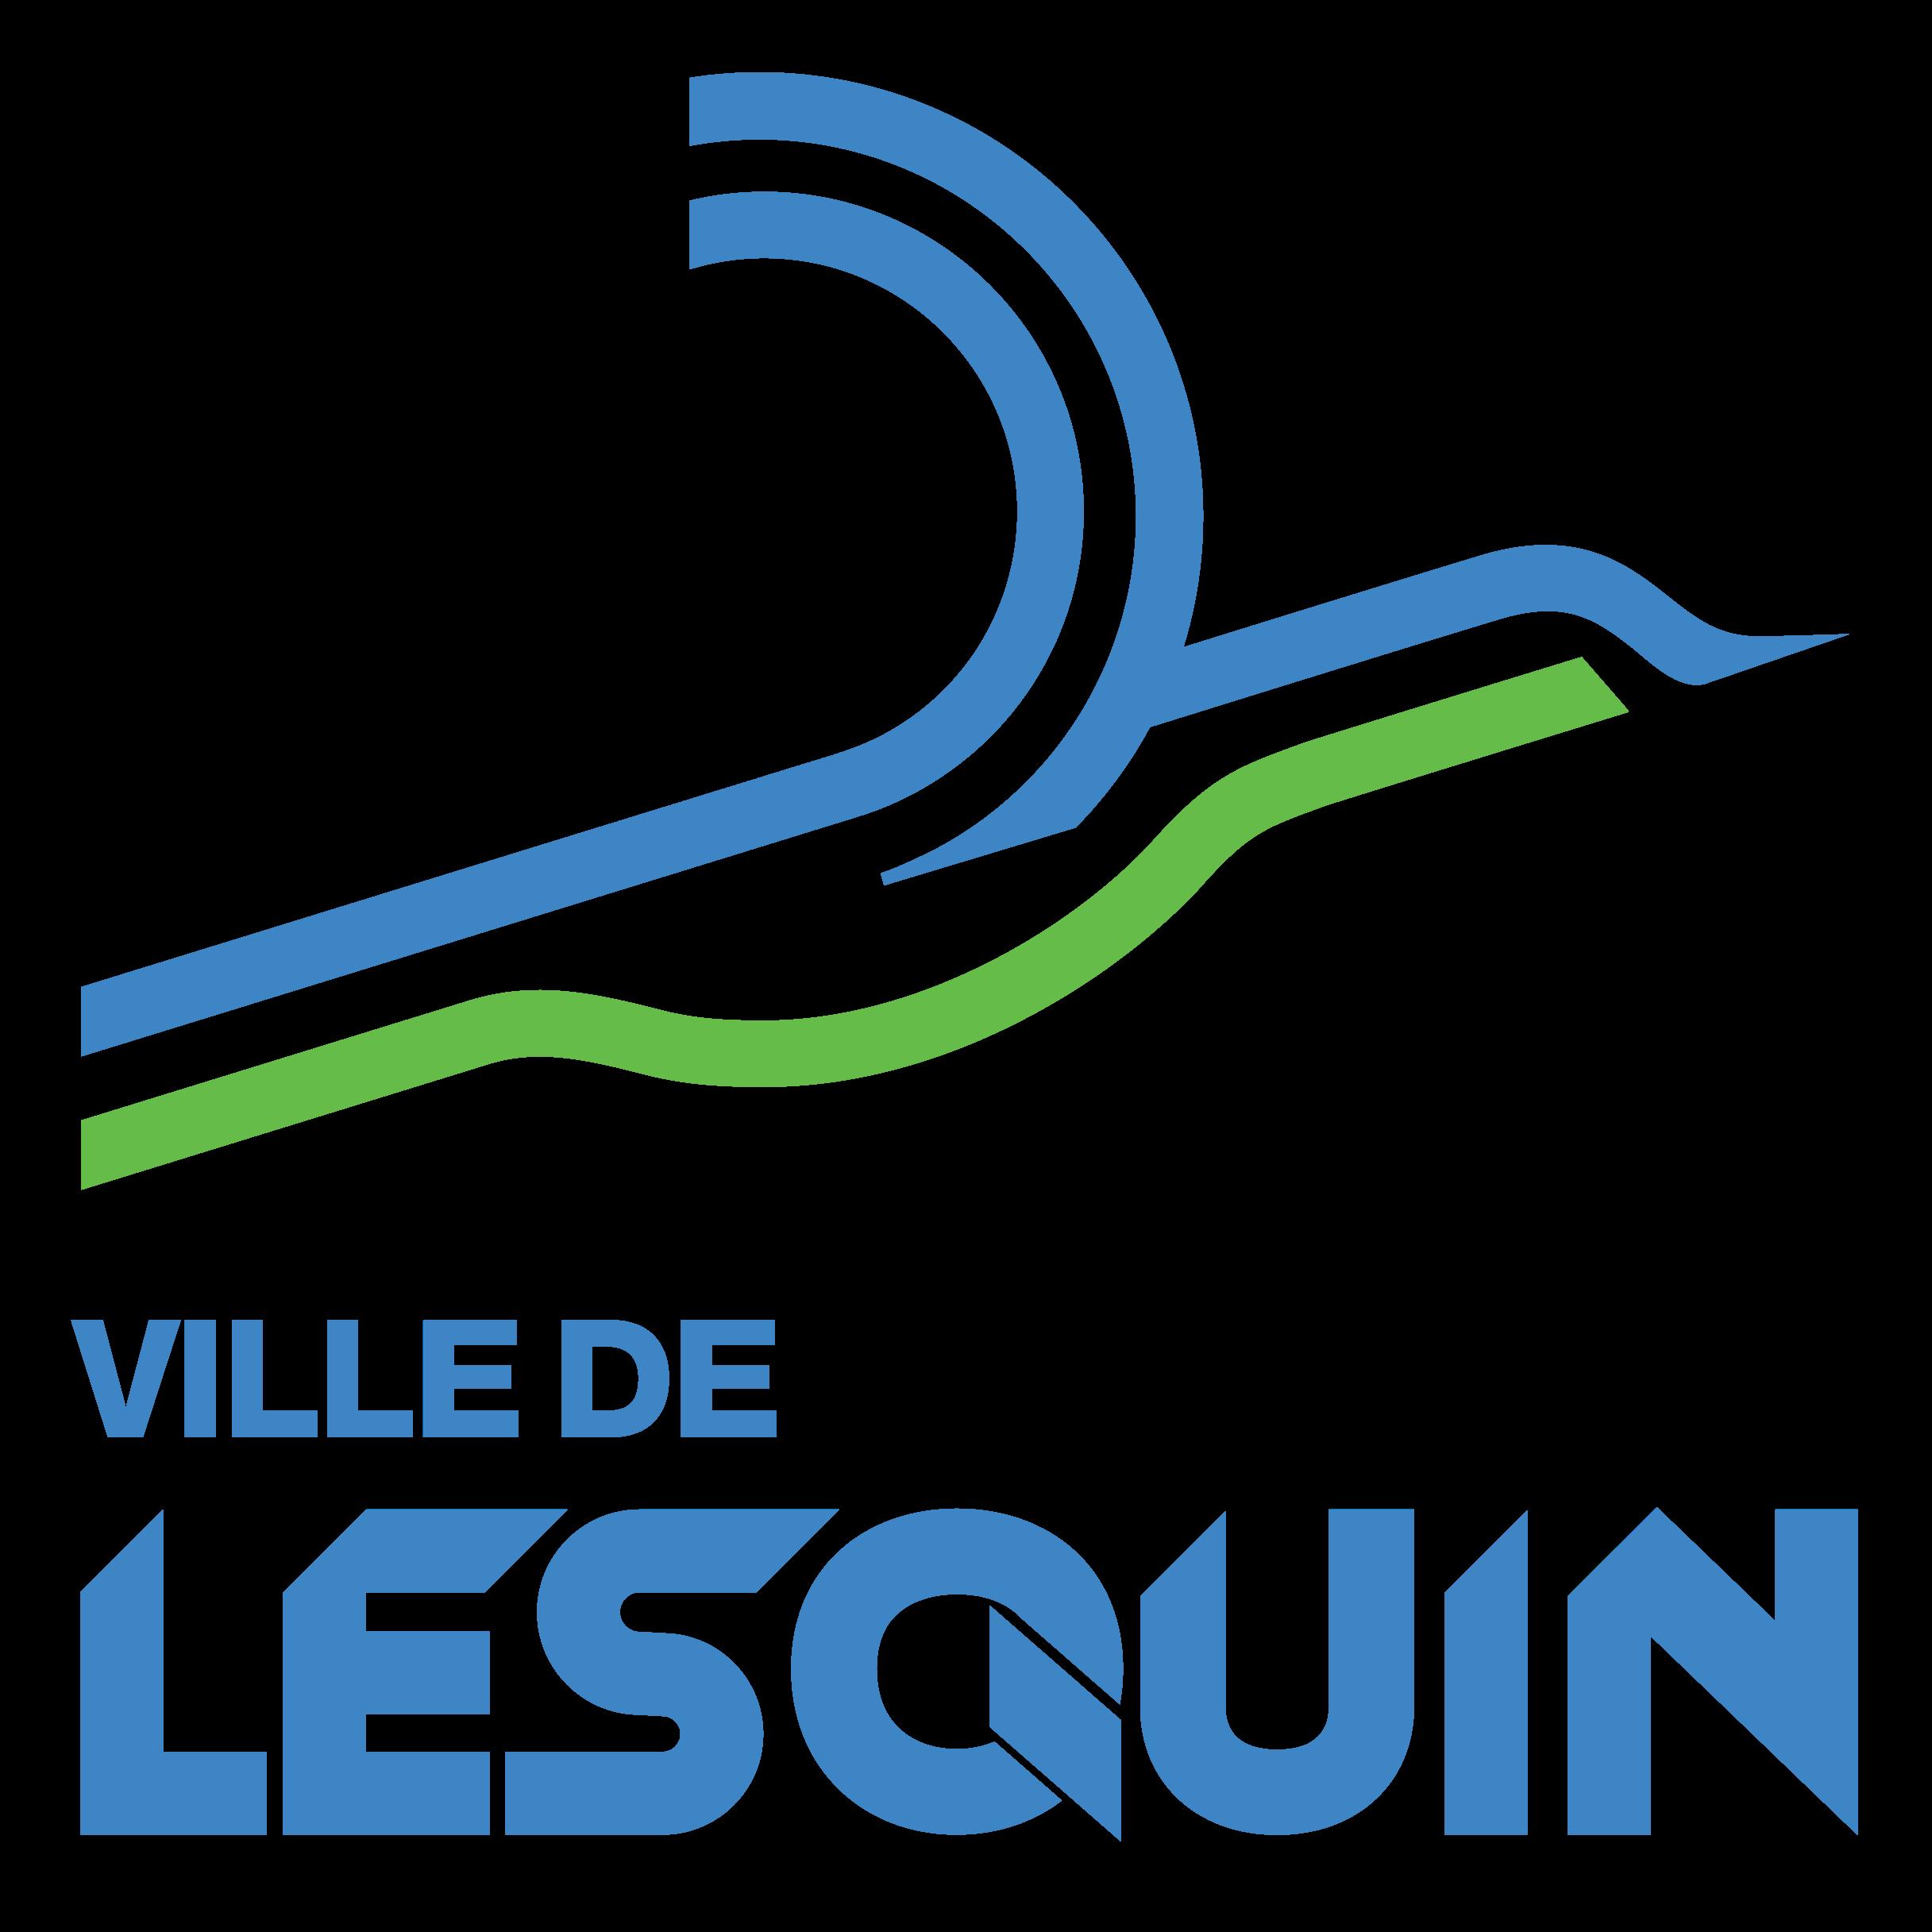 Ville de Lesquin